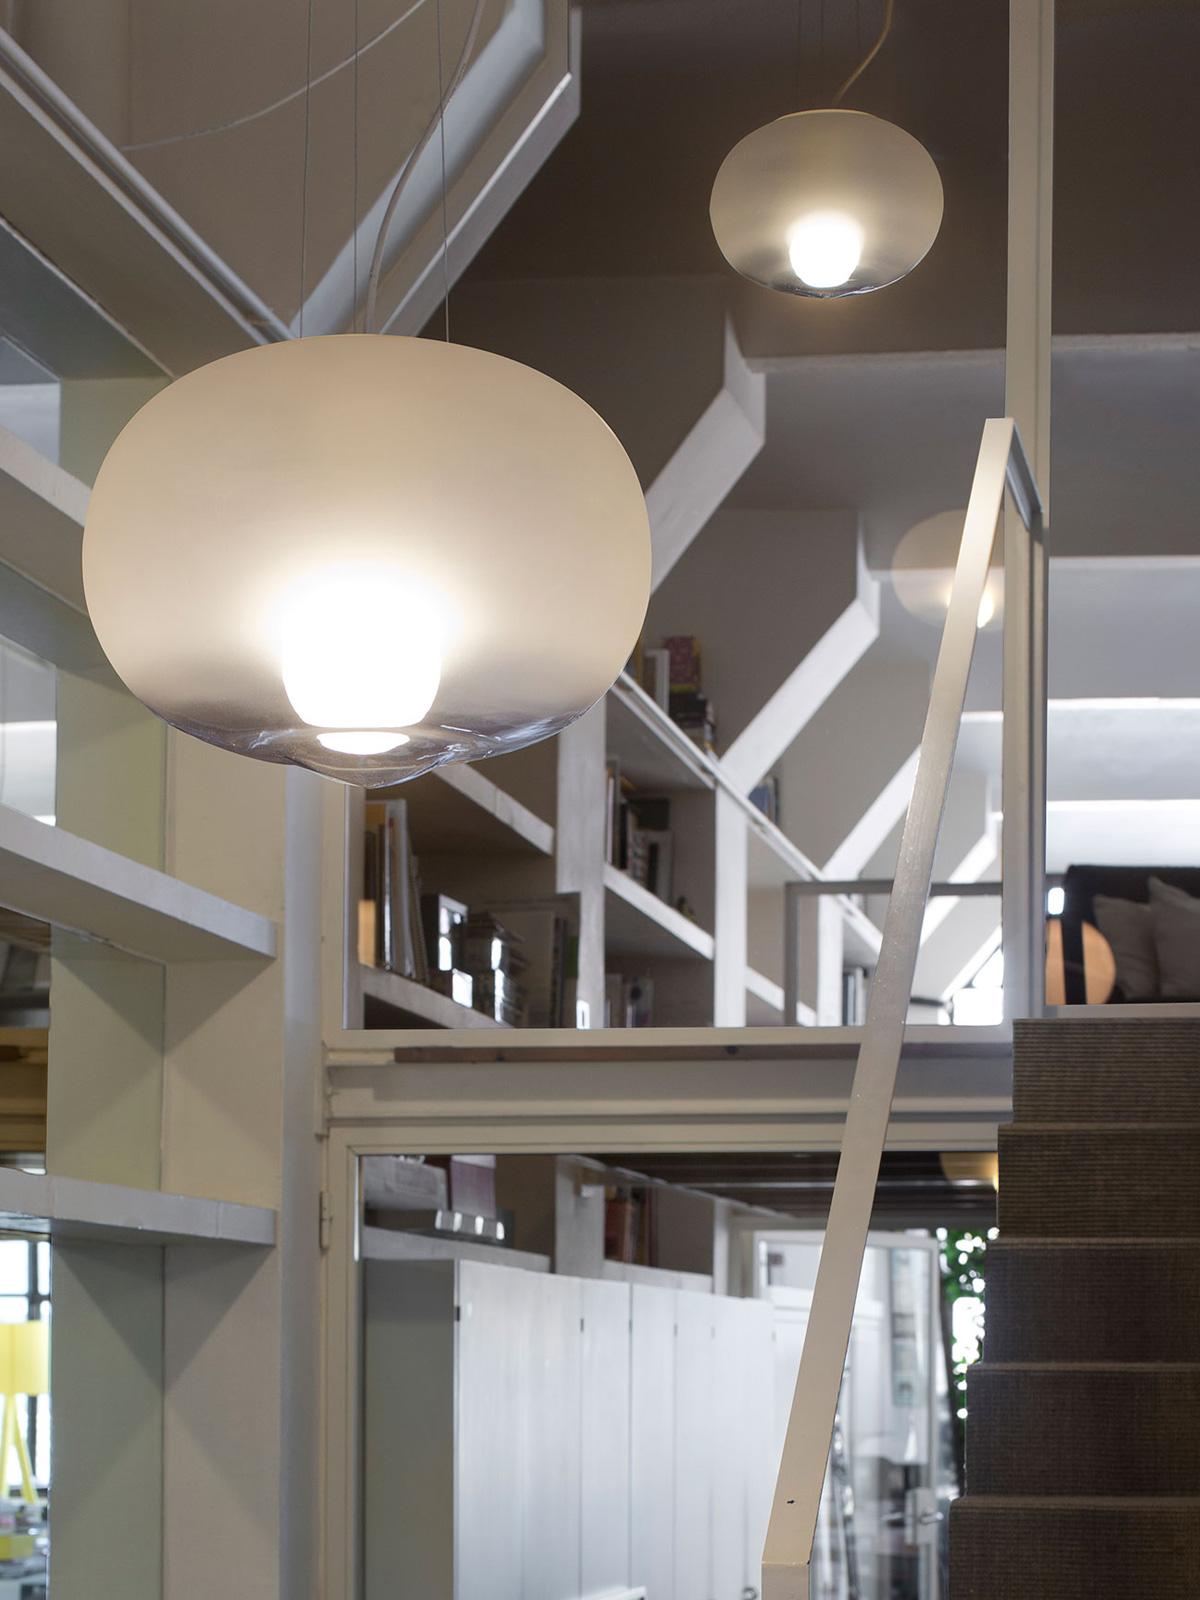 Hazy Day Glasleuchte Marset DesignOrt Berlin Lampen